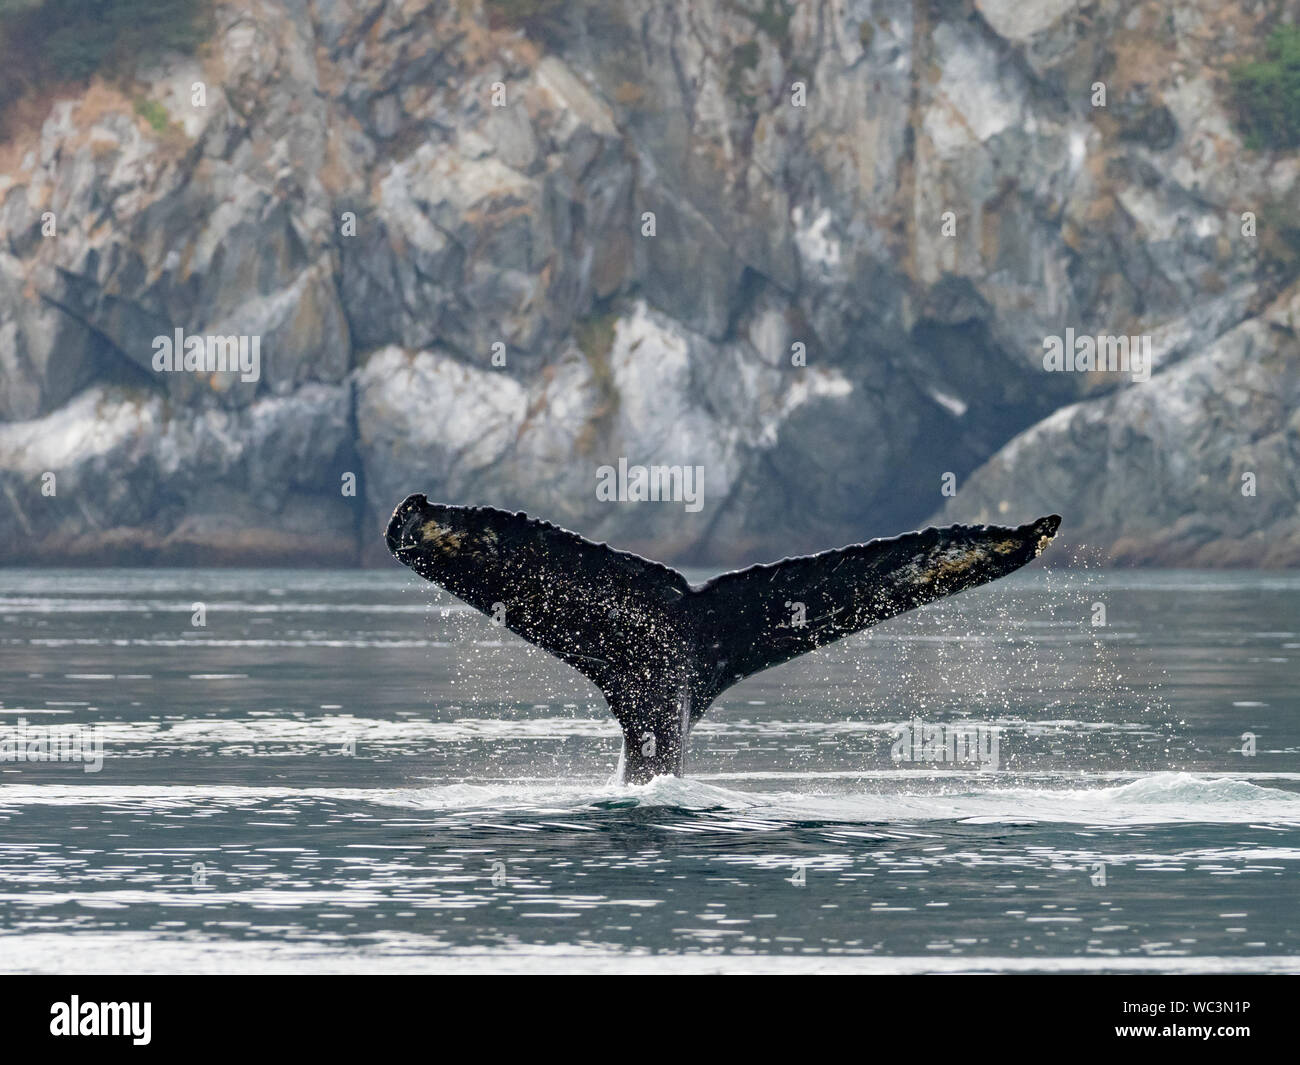 La ballena jorobada, Megaptera novaeangliae, buceo y mostrando su cola en el océano en el interior paso del sureste de Alaska Foto de stock